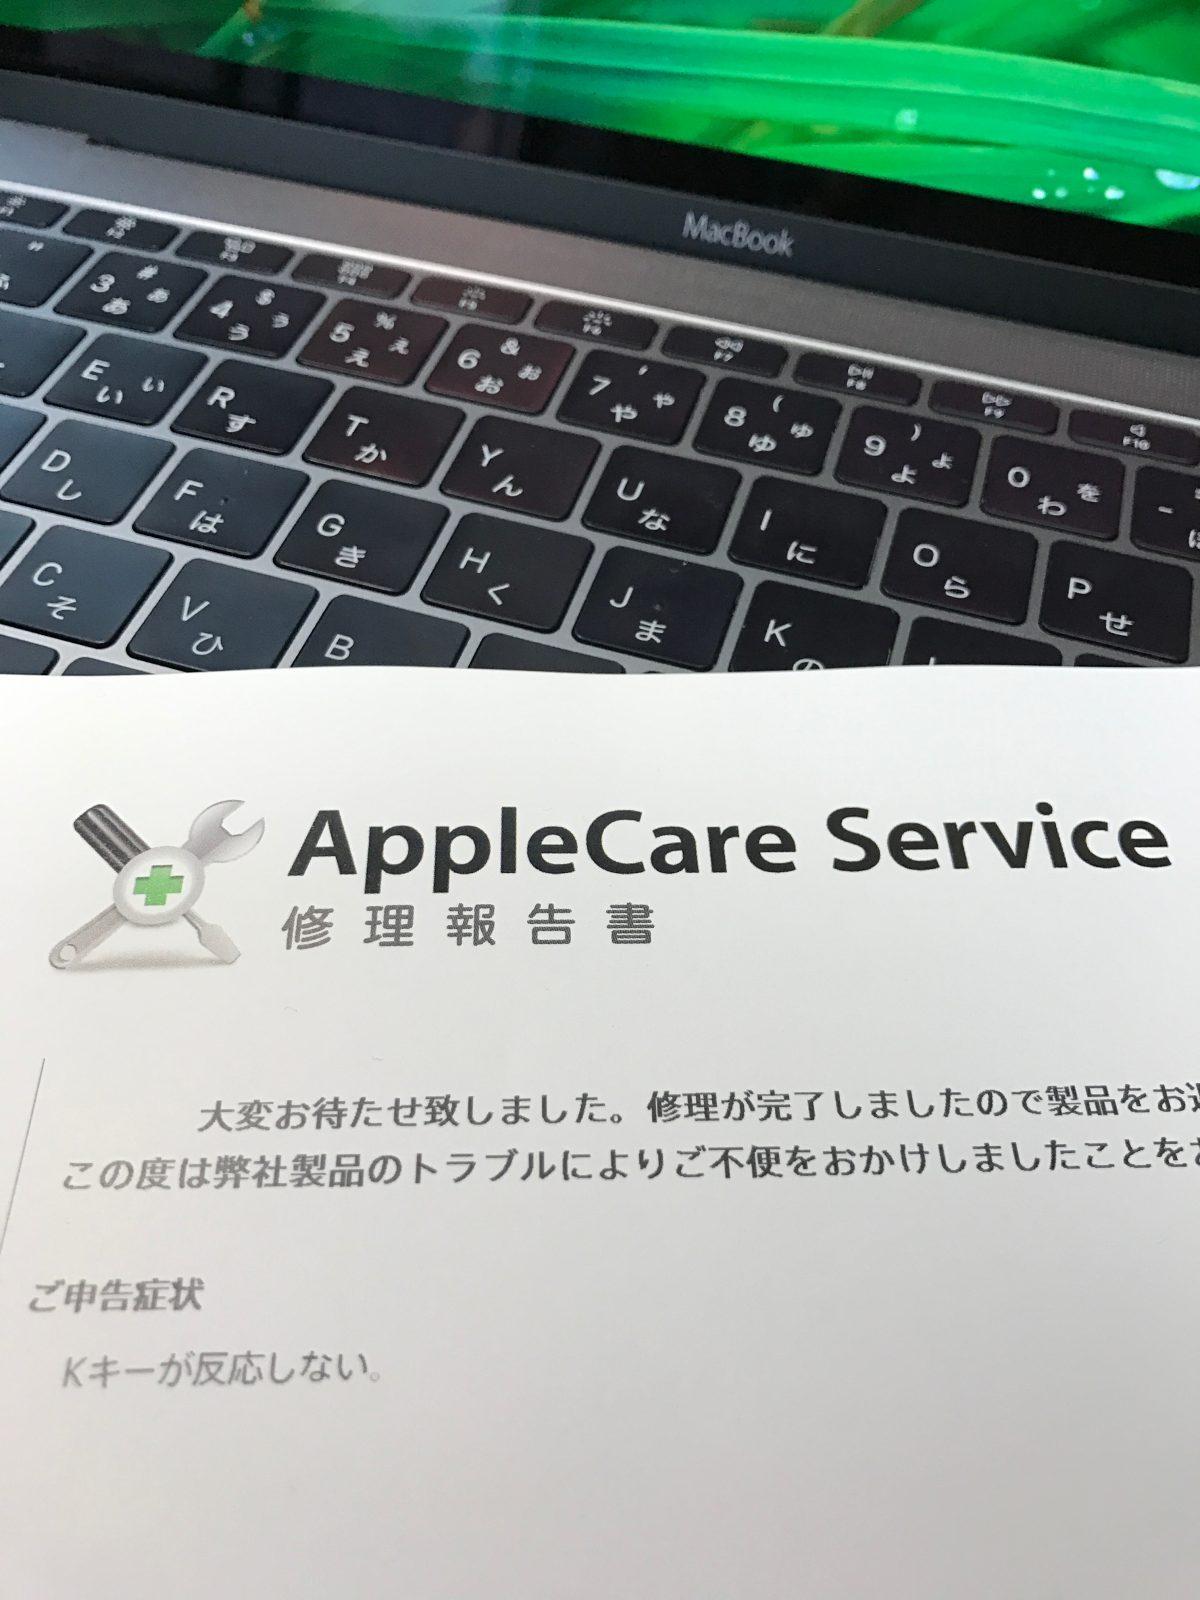 MacBookのバタフライキーボードの不調はトップケースの故障が原因でした